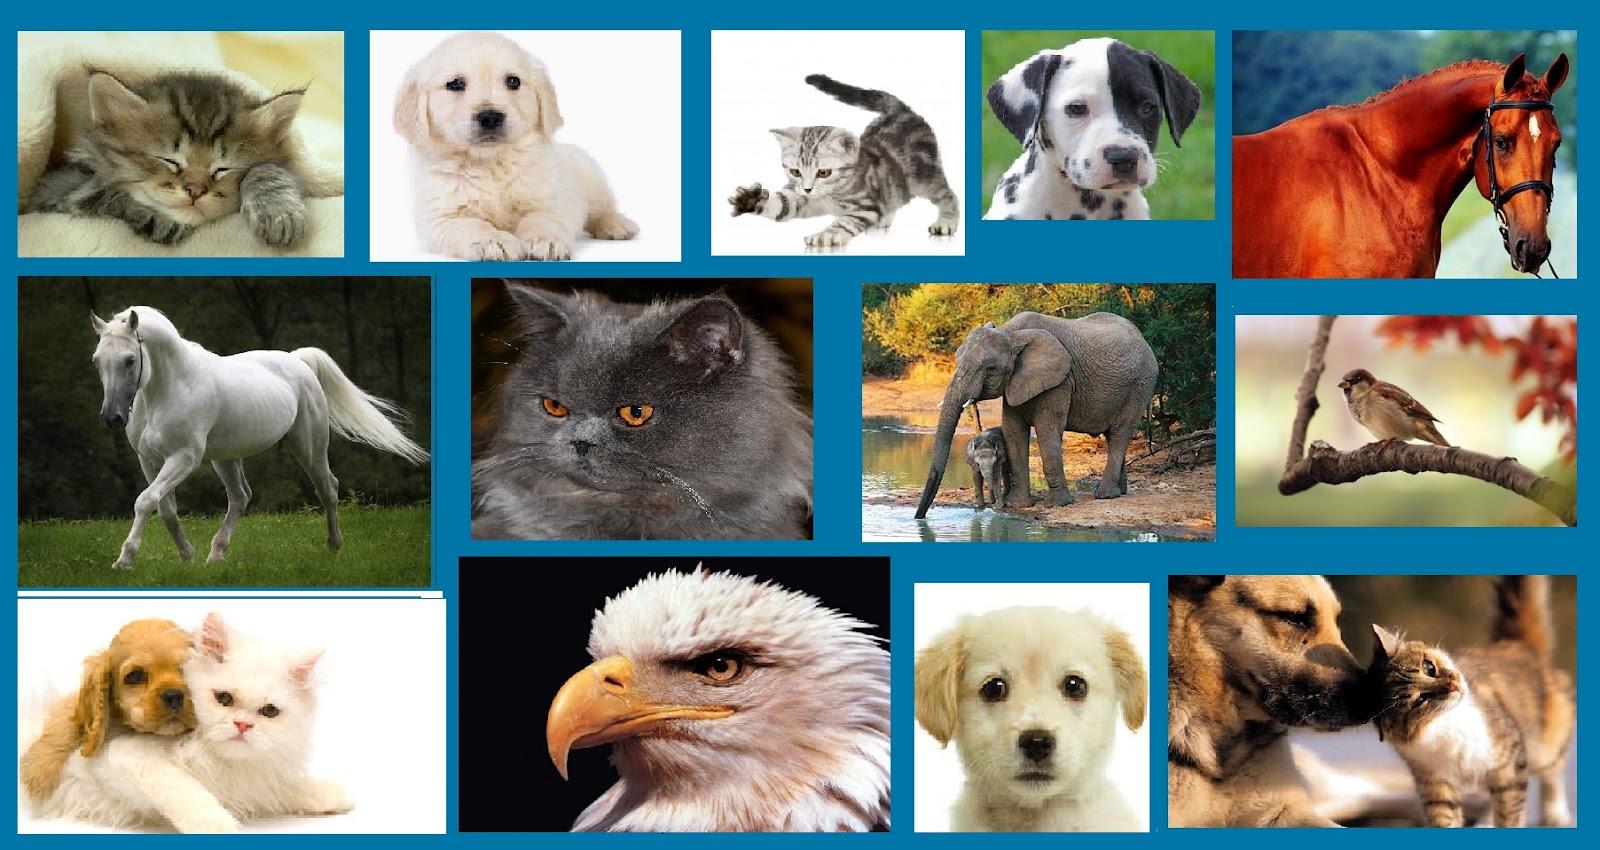 Seiva: Todos os animais merecem o céu